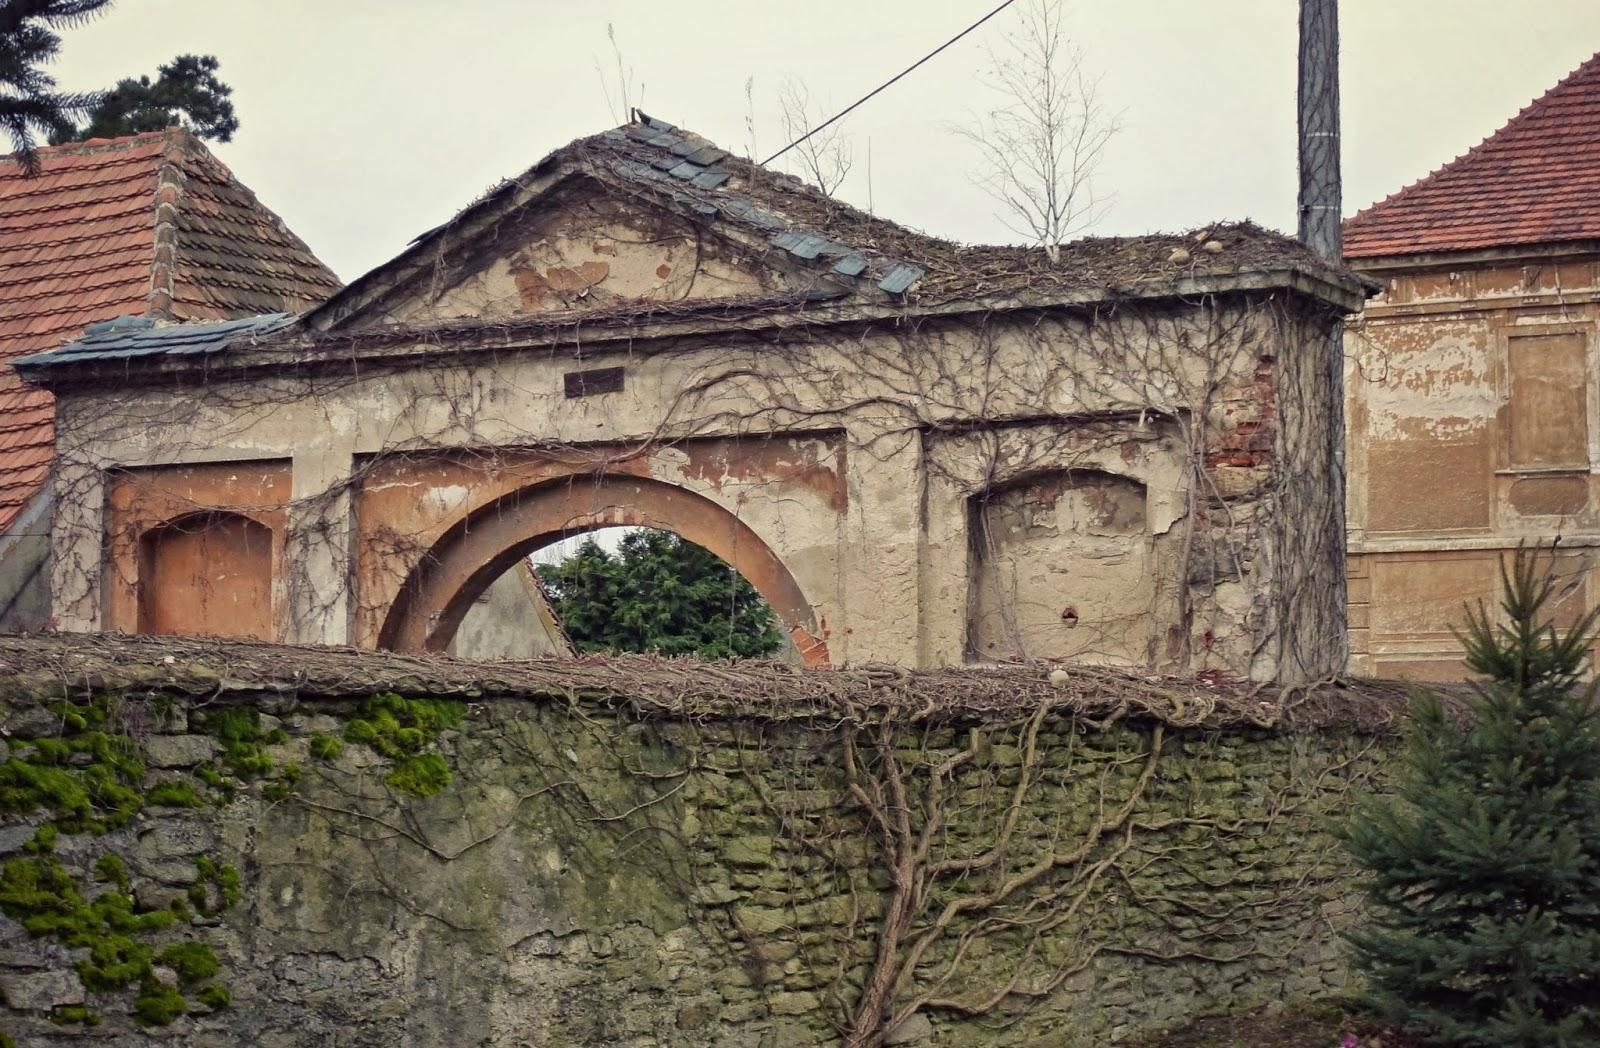 616ff3d00c6d2 Romański kościół wygląda (z zewnątrz, bo zamknięty) dobrze (kiedyś to  budowali, te niezniszczalne kamienne bloki...), a cysterski klasztor  niszczeje od ...